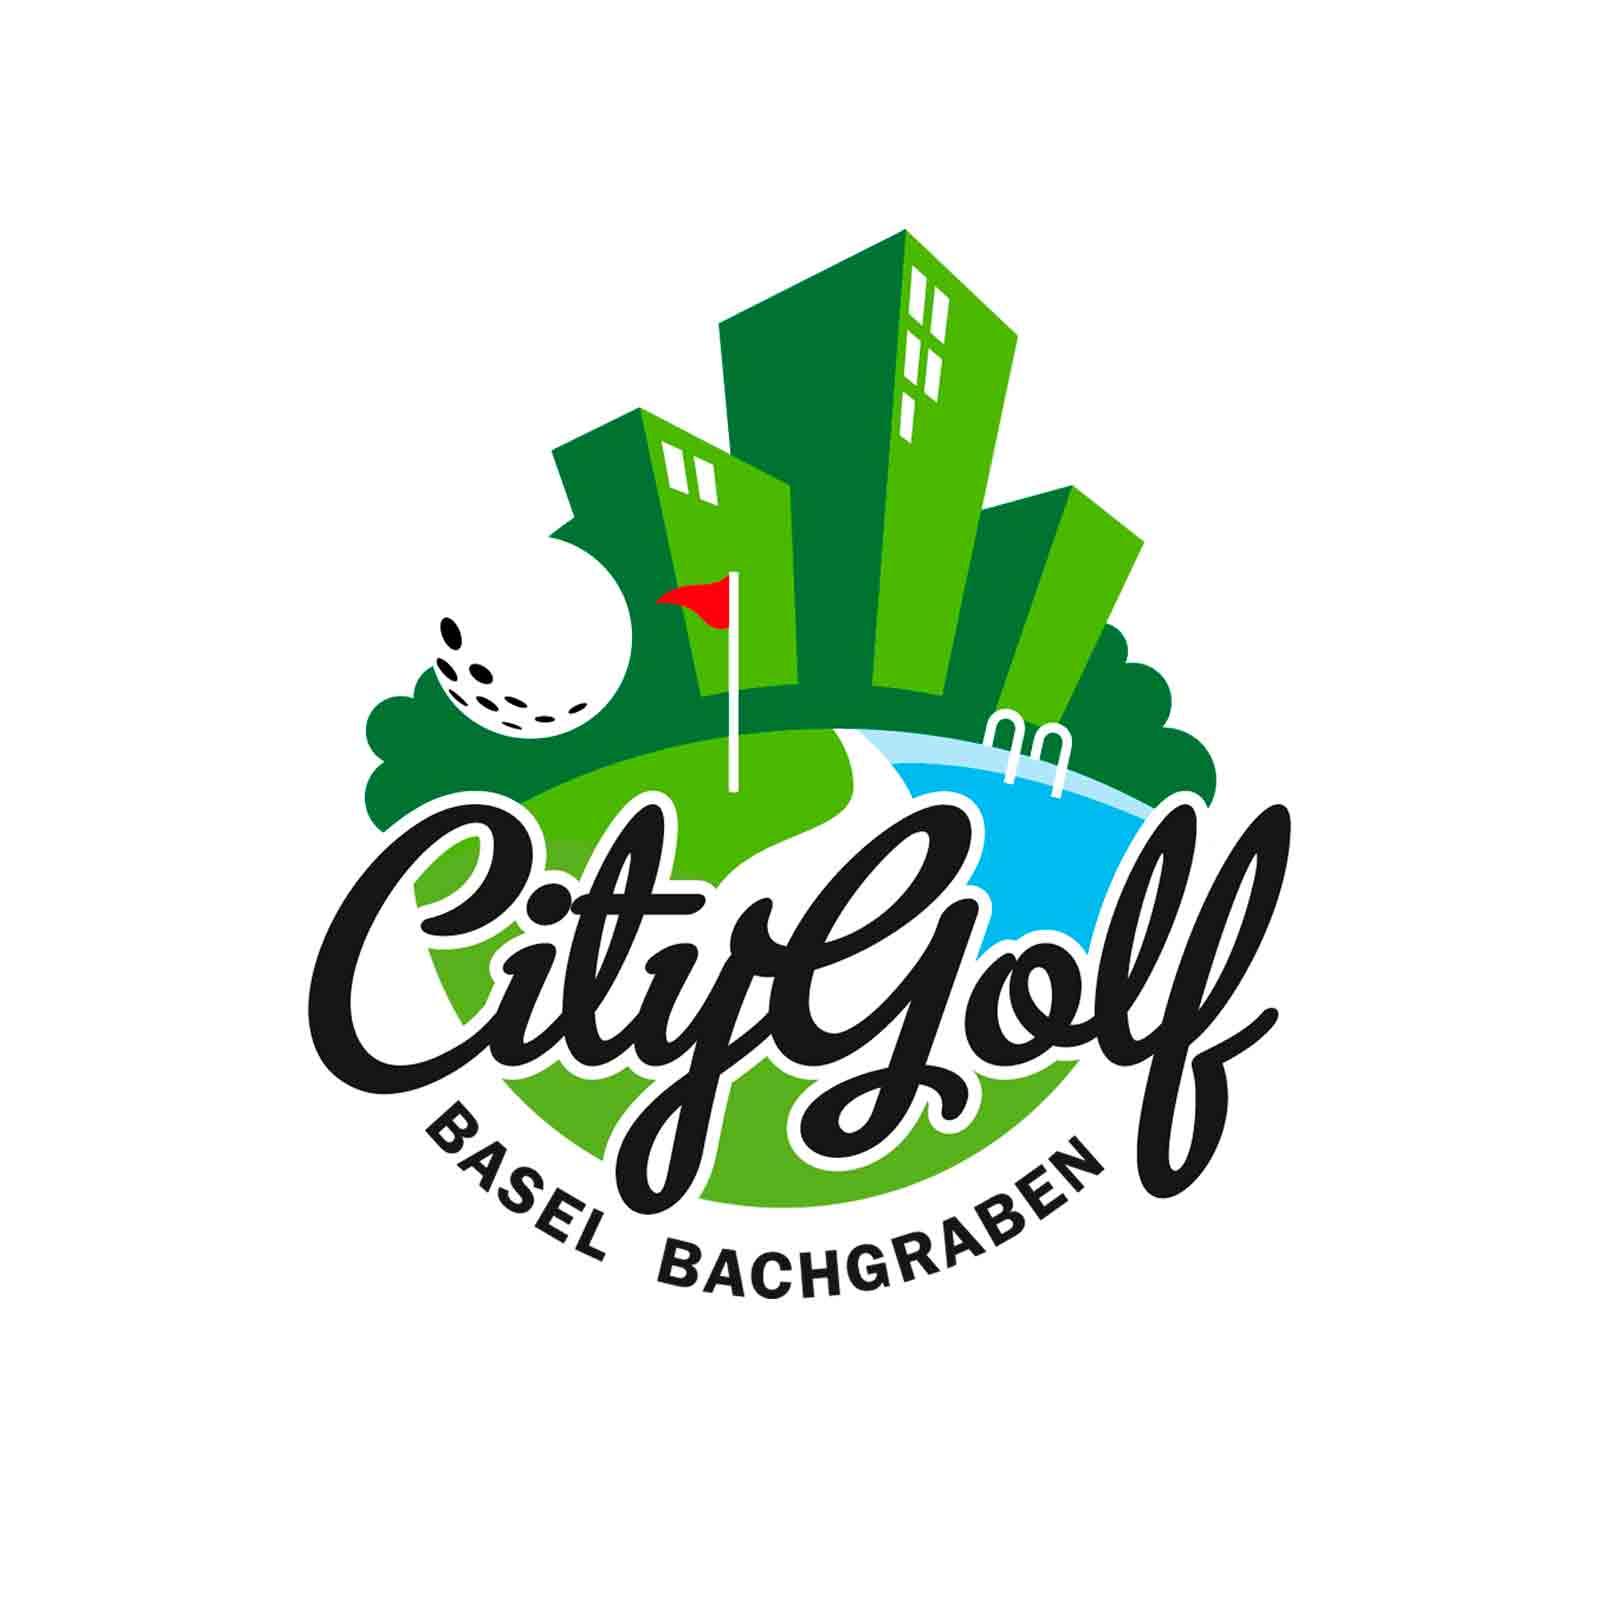 City Golf Basel Bachgraben Webprojekt ShowMyProject